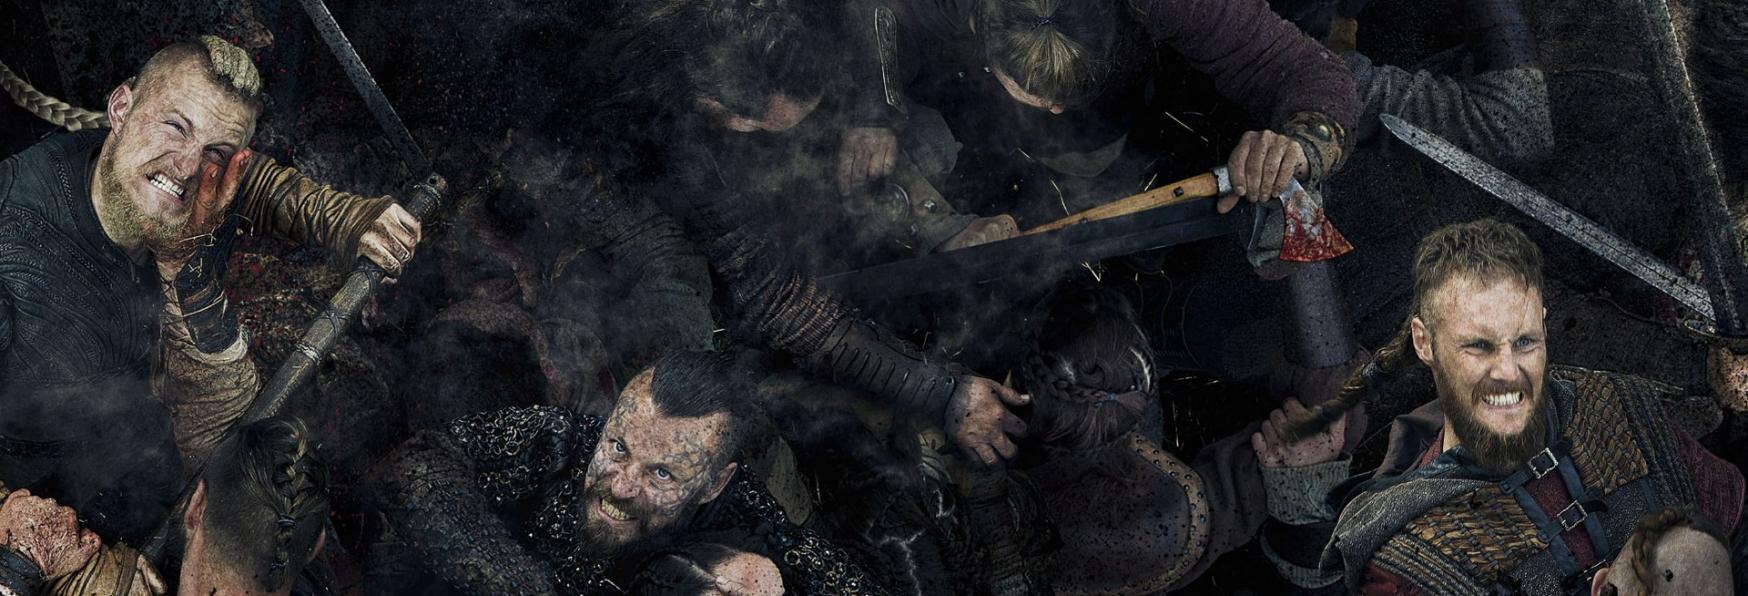 Vikings: Valhalla - Riprende la Produzione della Serie TV Spin-off